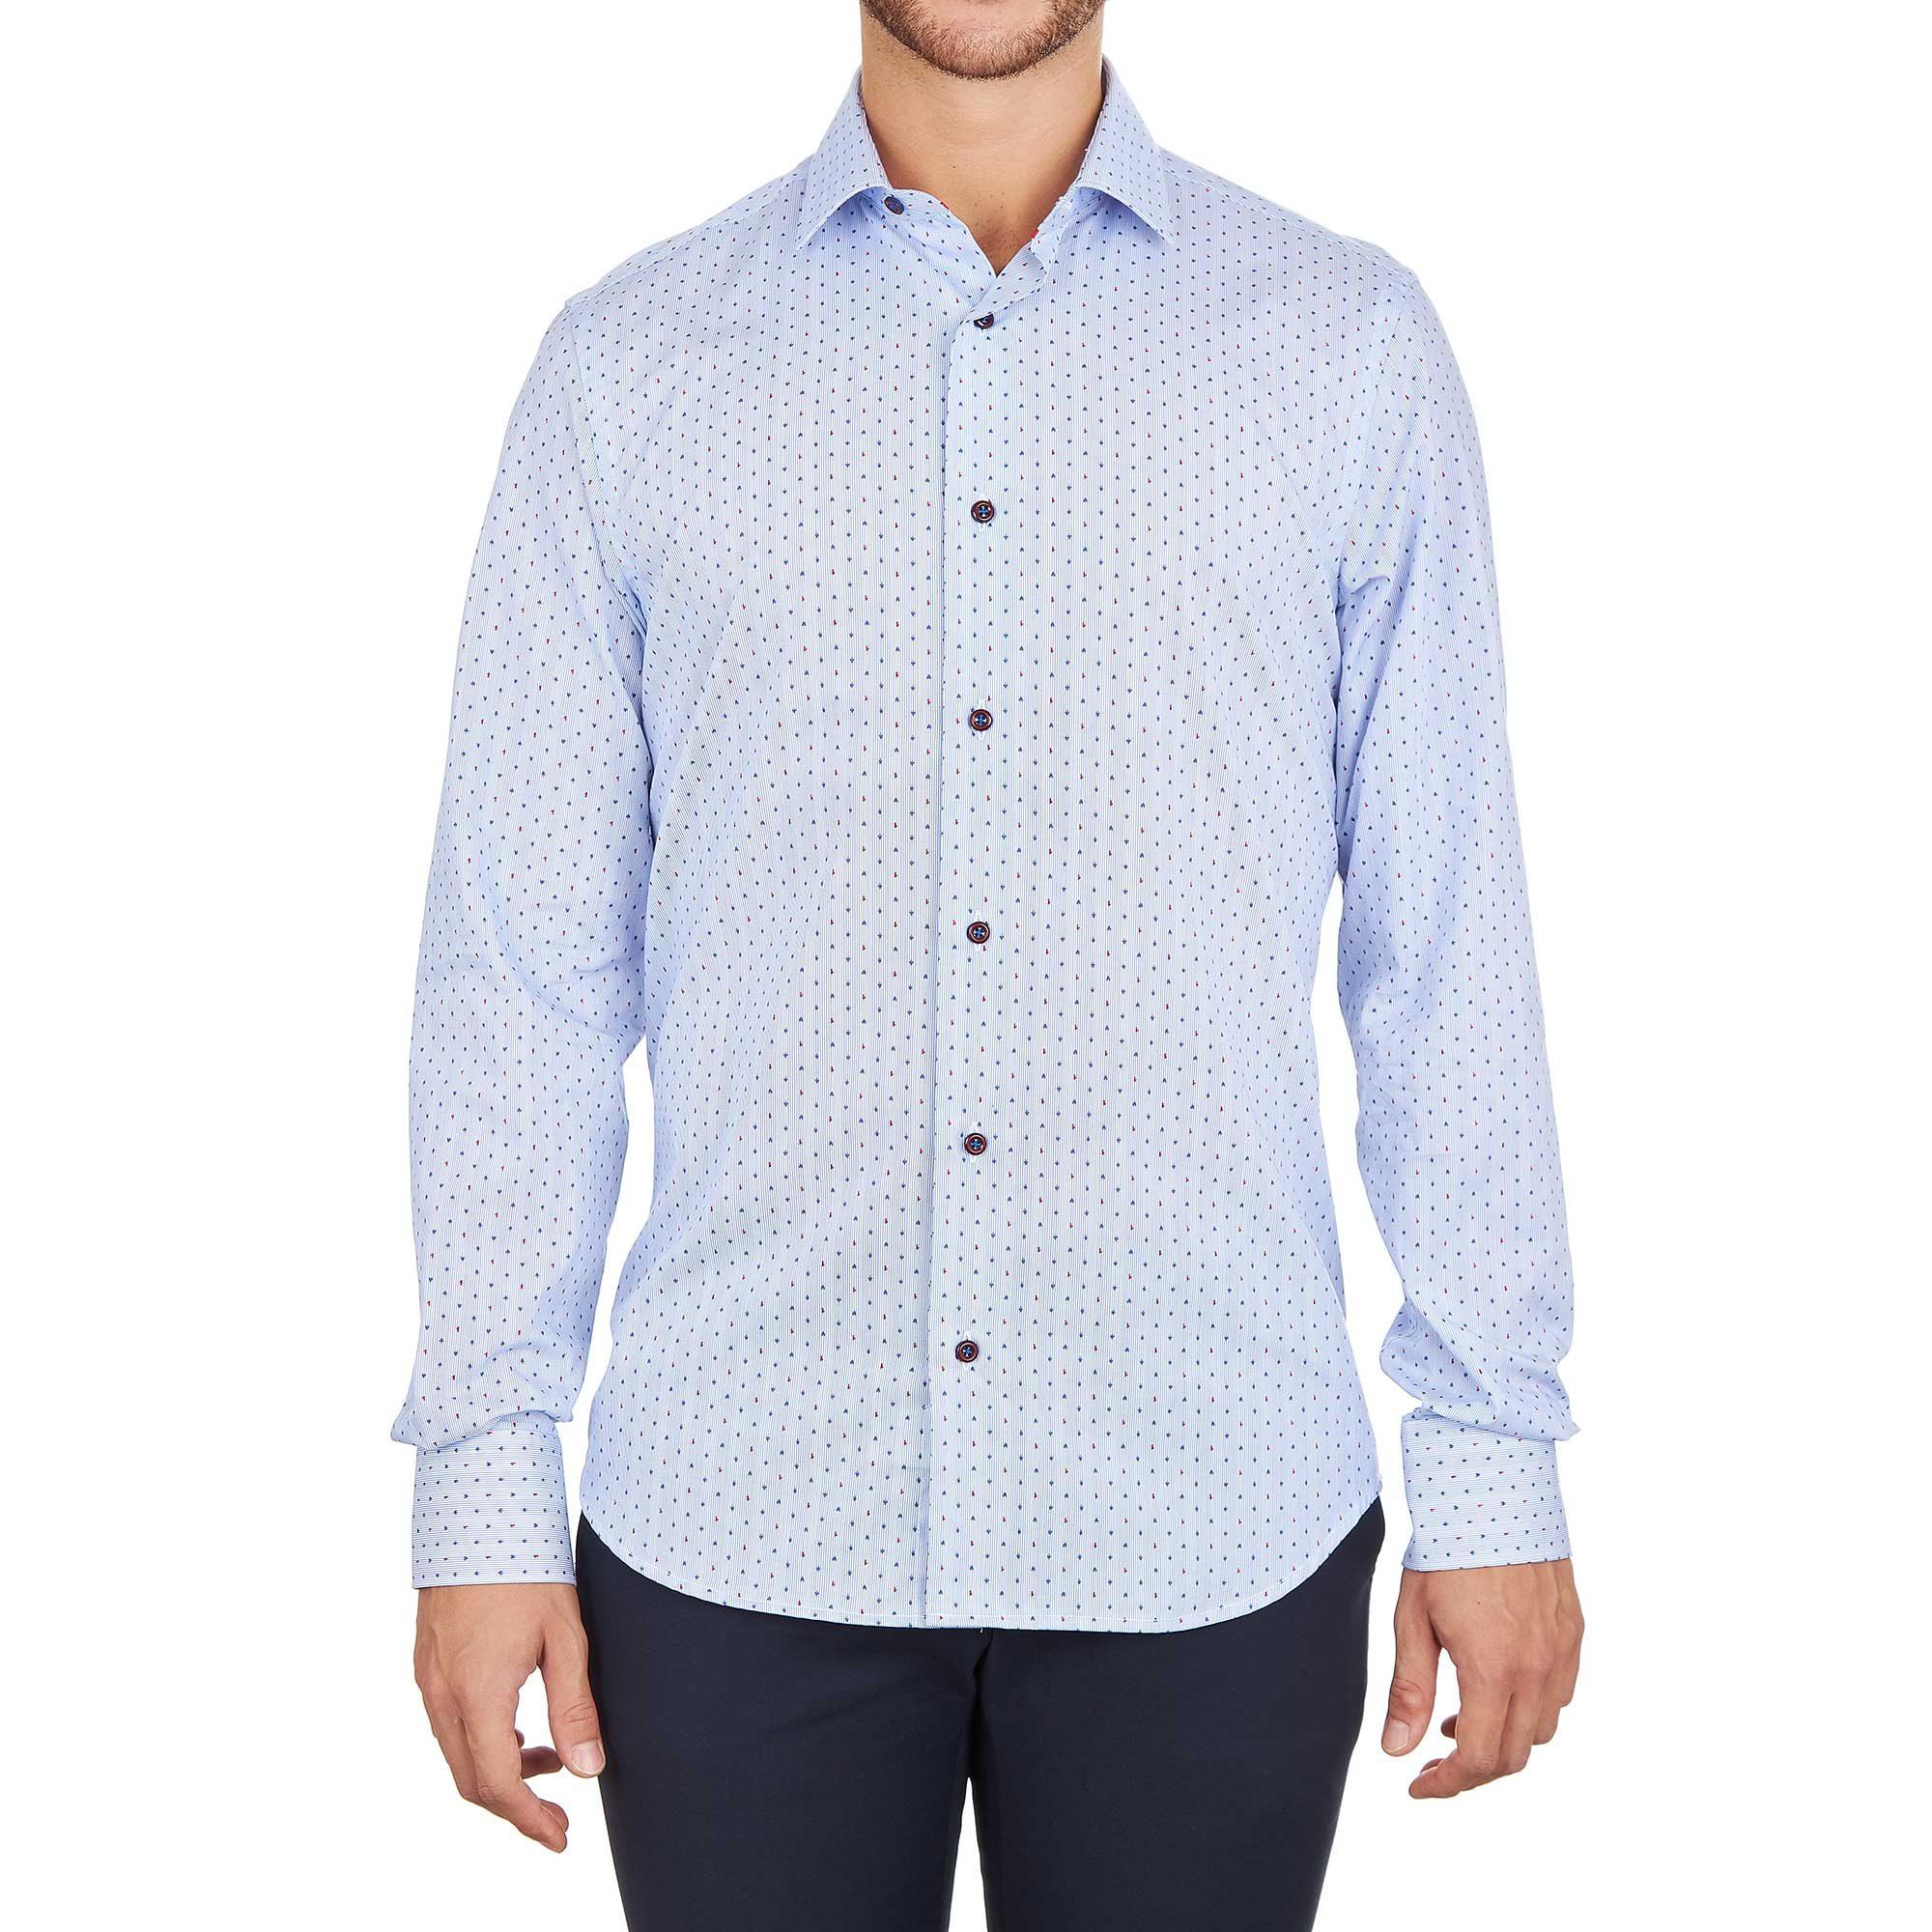 Camicia azzurra da uomo alla moda made in italy